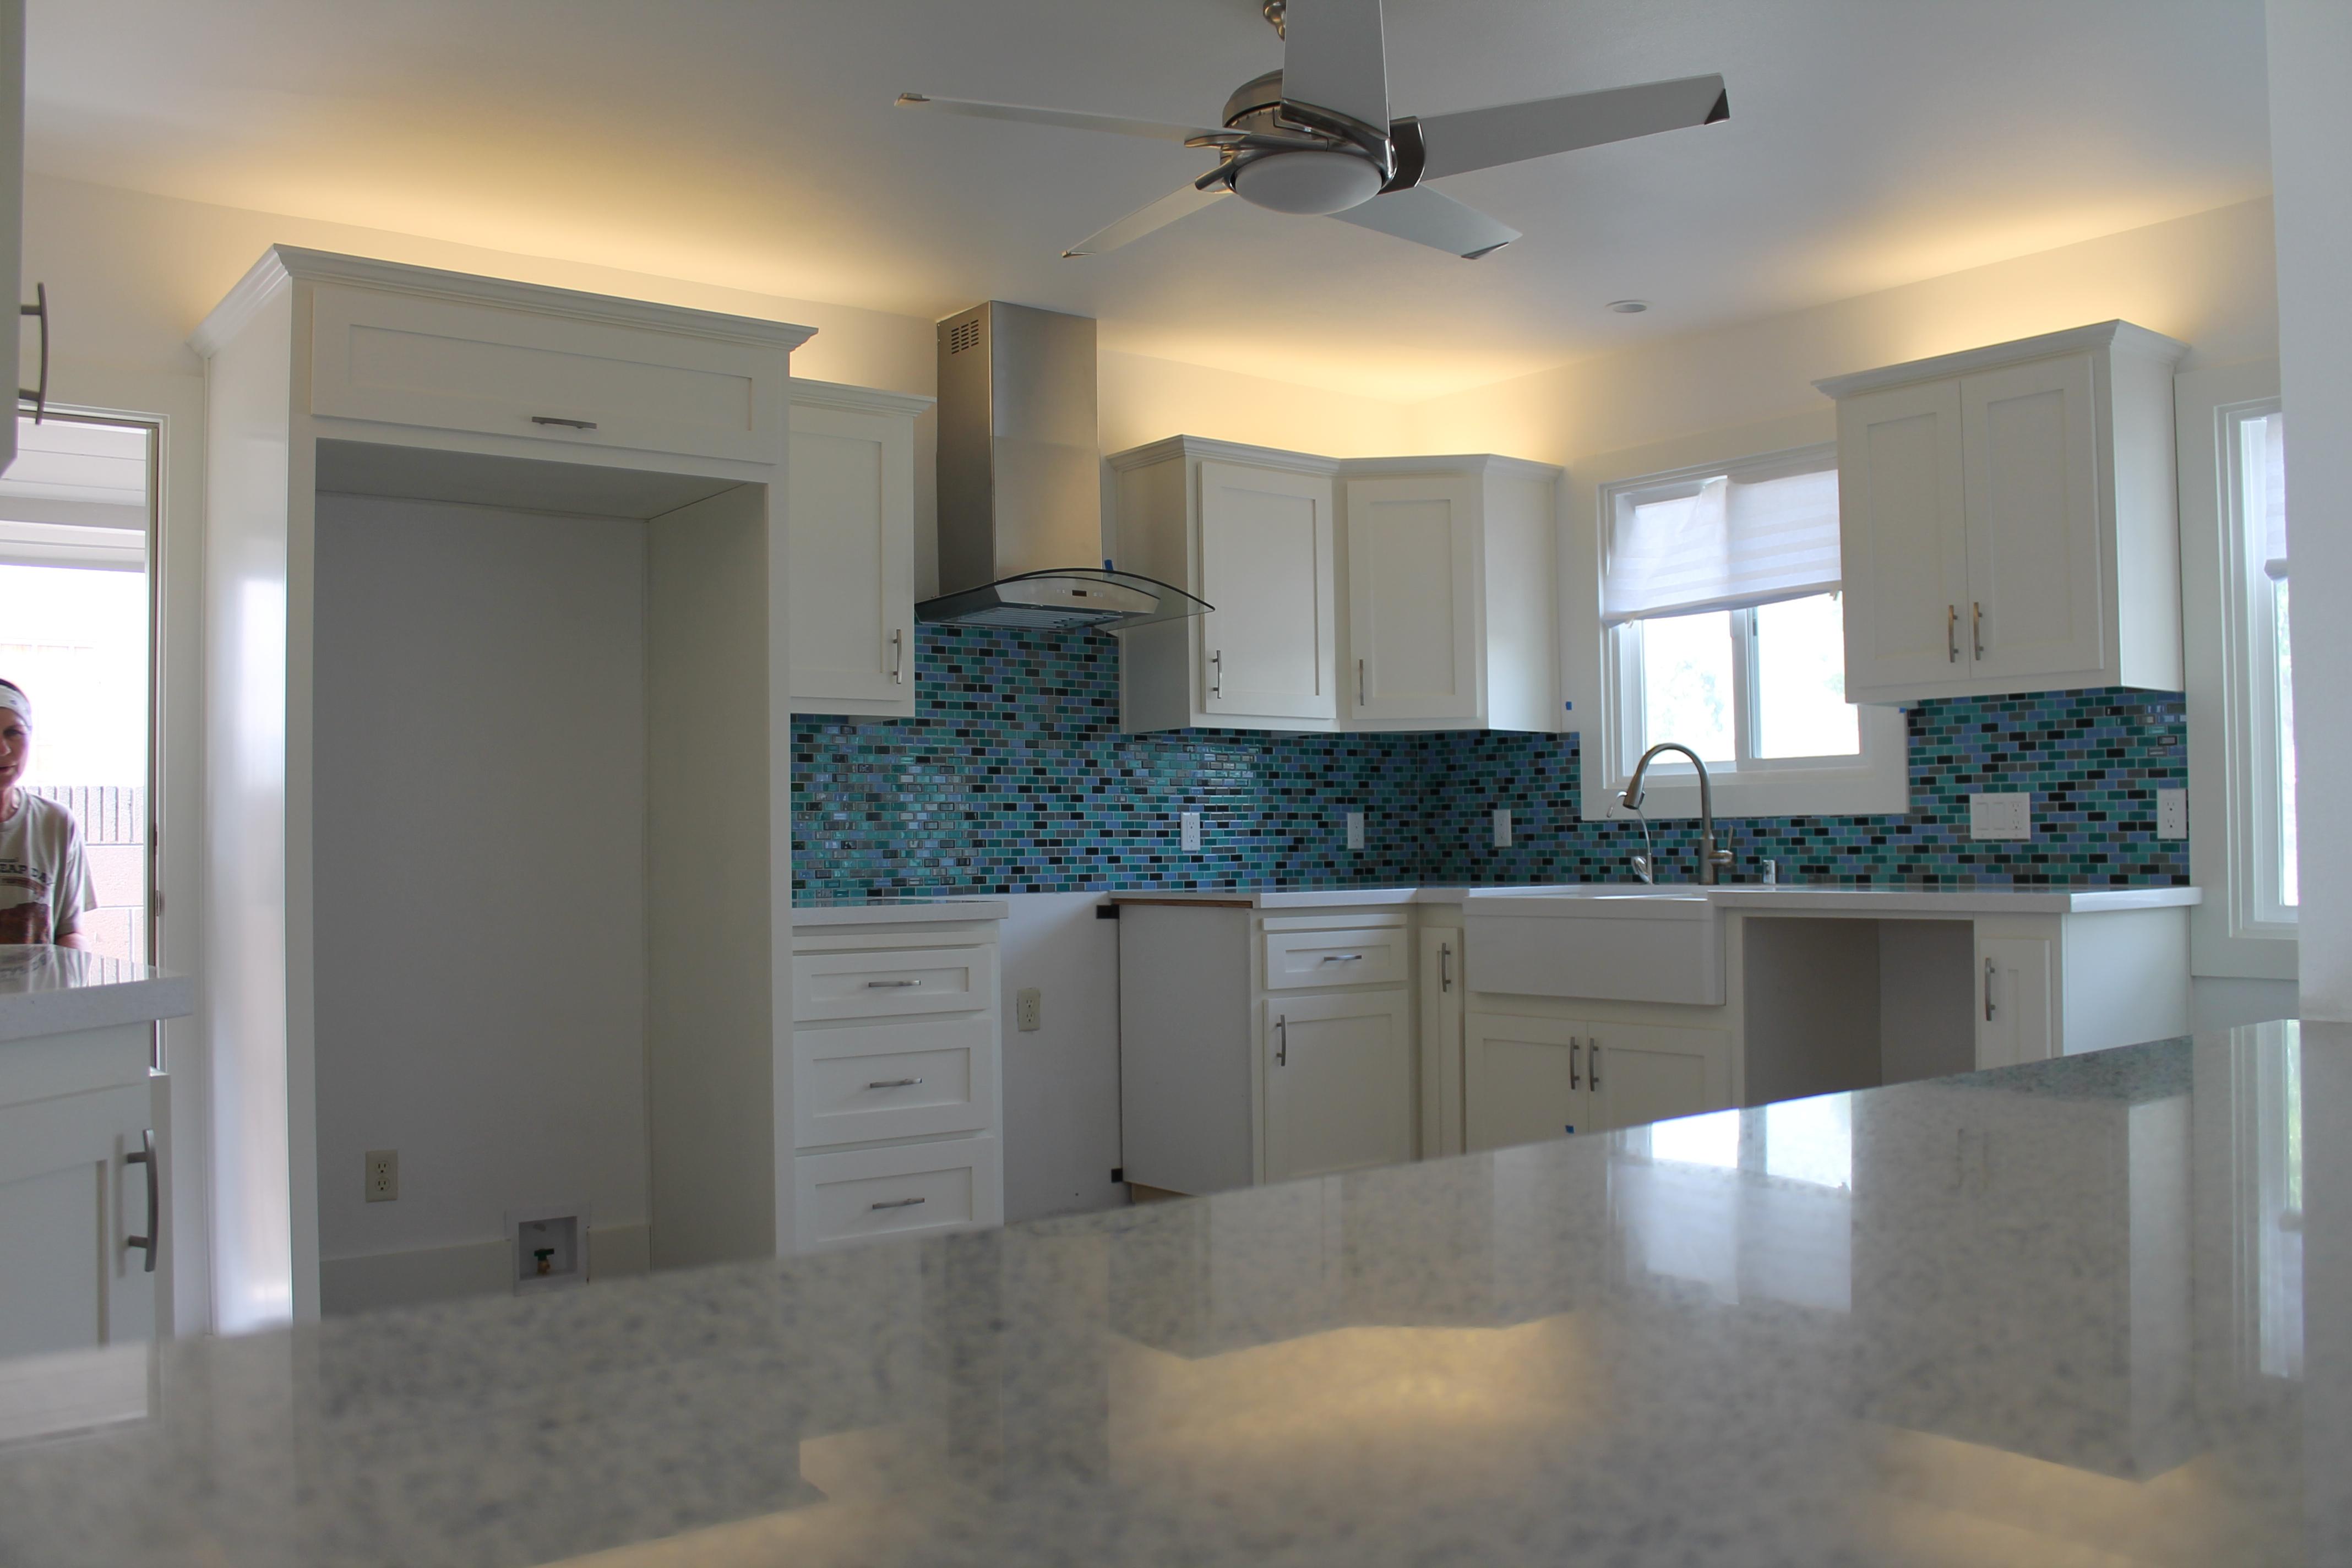 View through island into the kitchen